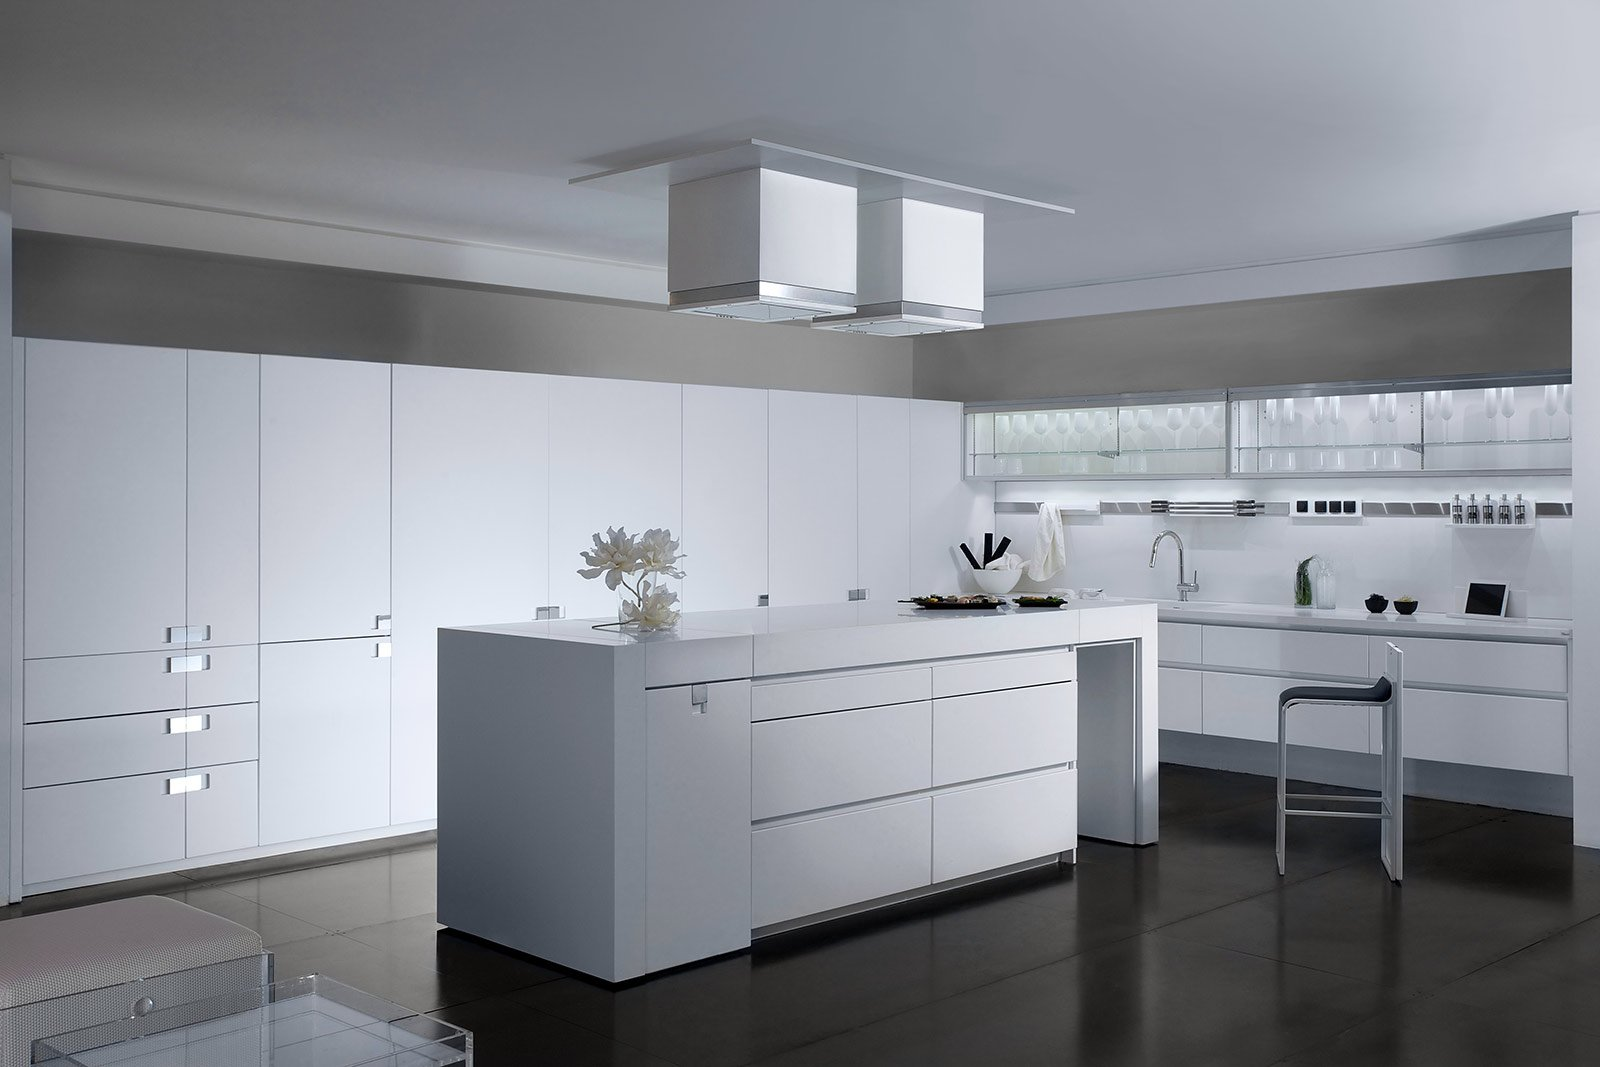 Cucine bianche moderne cose di casa - Immagini cucine moderne ...